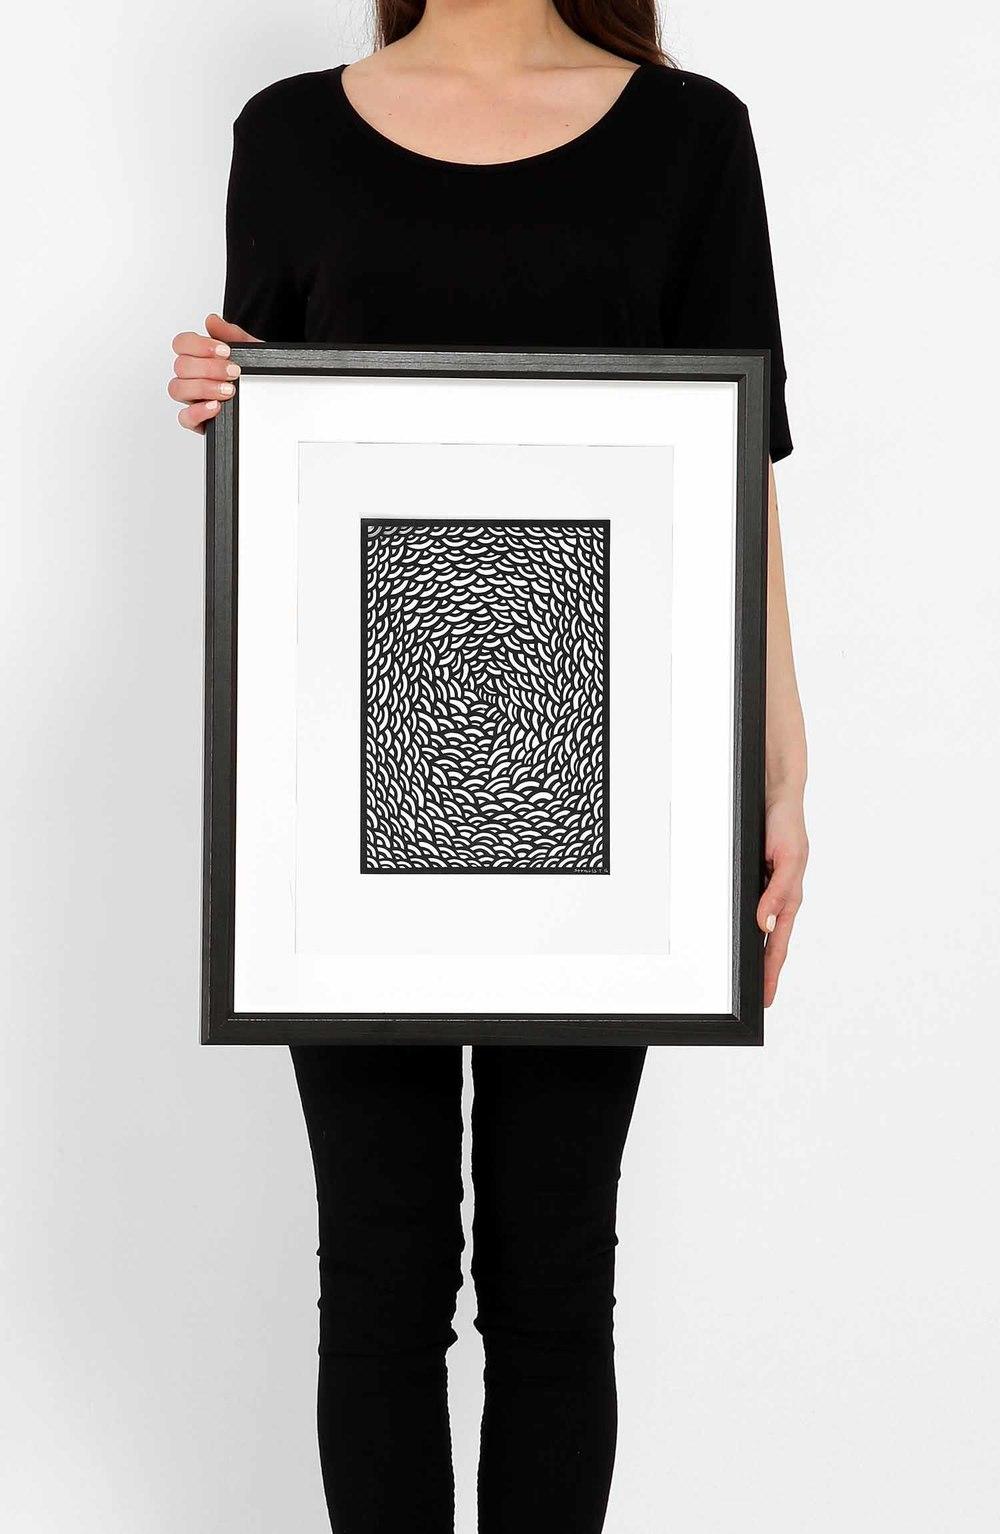 Untitled Black Arcs Medium_Framed.jpg